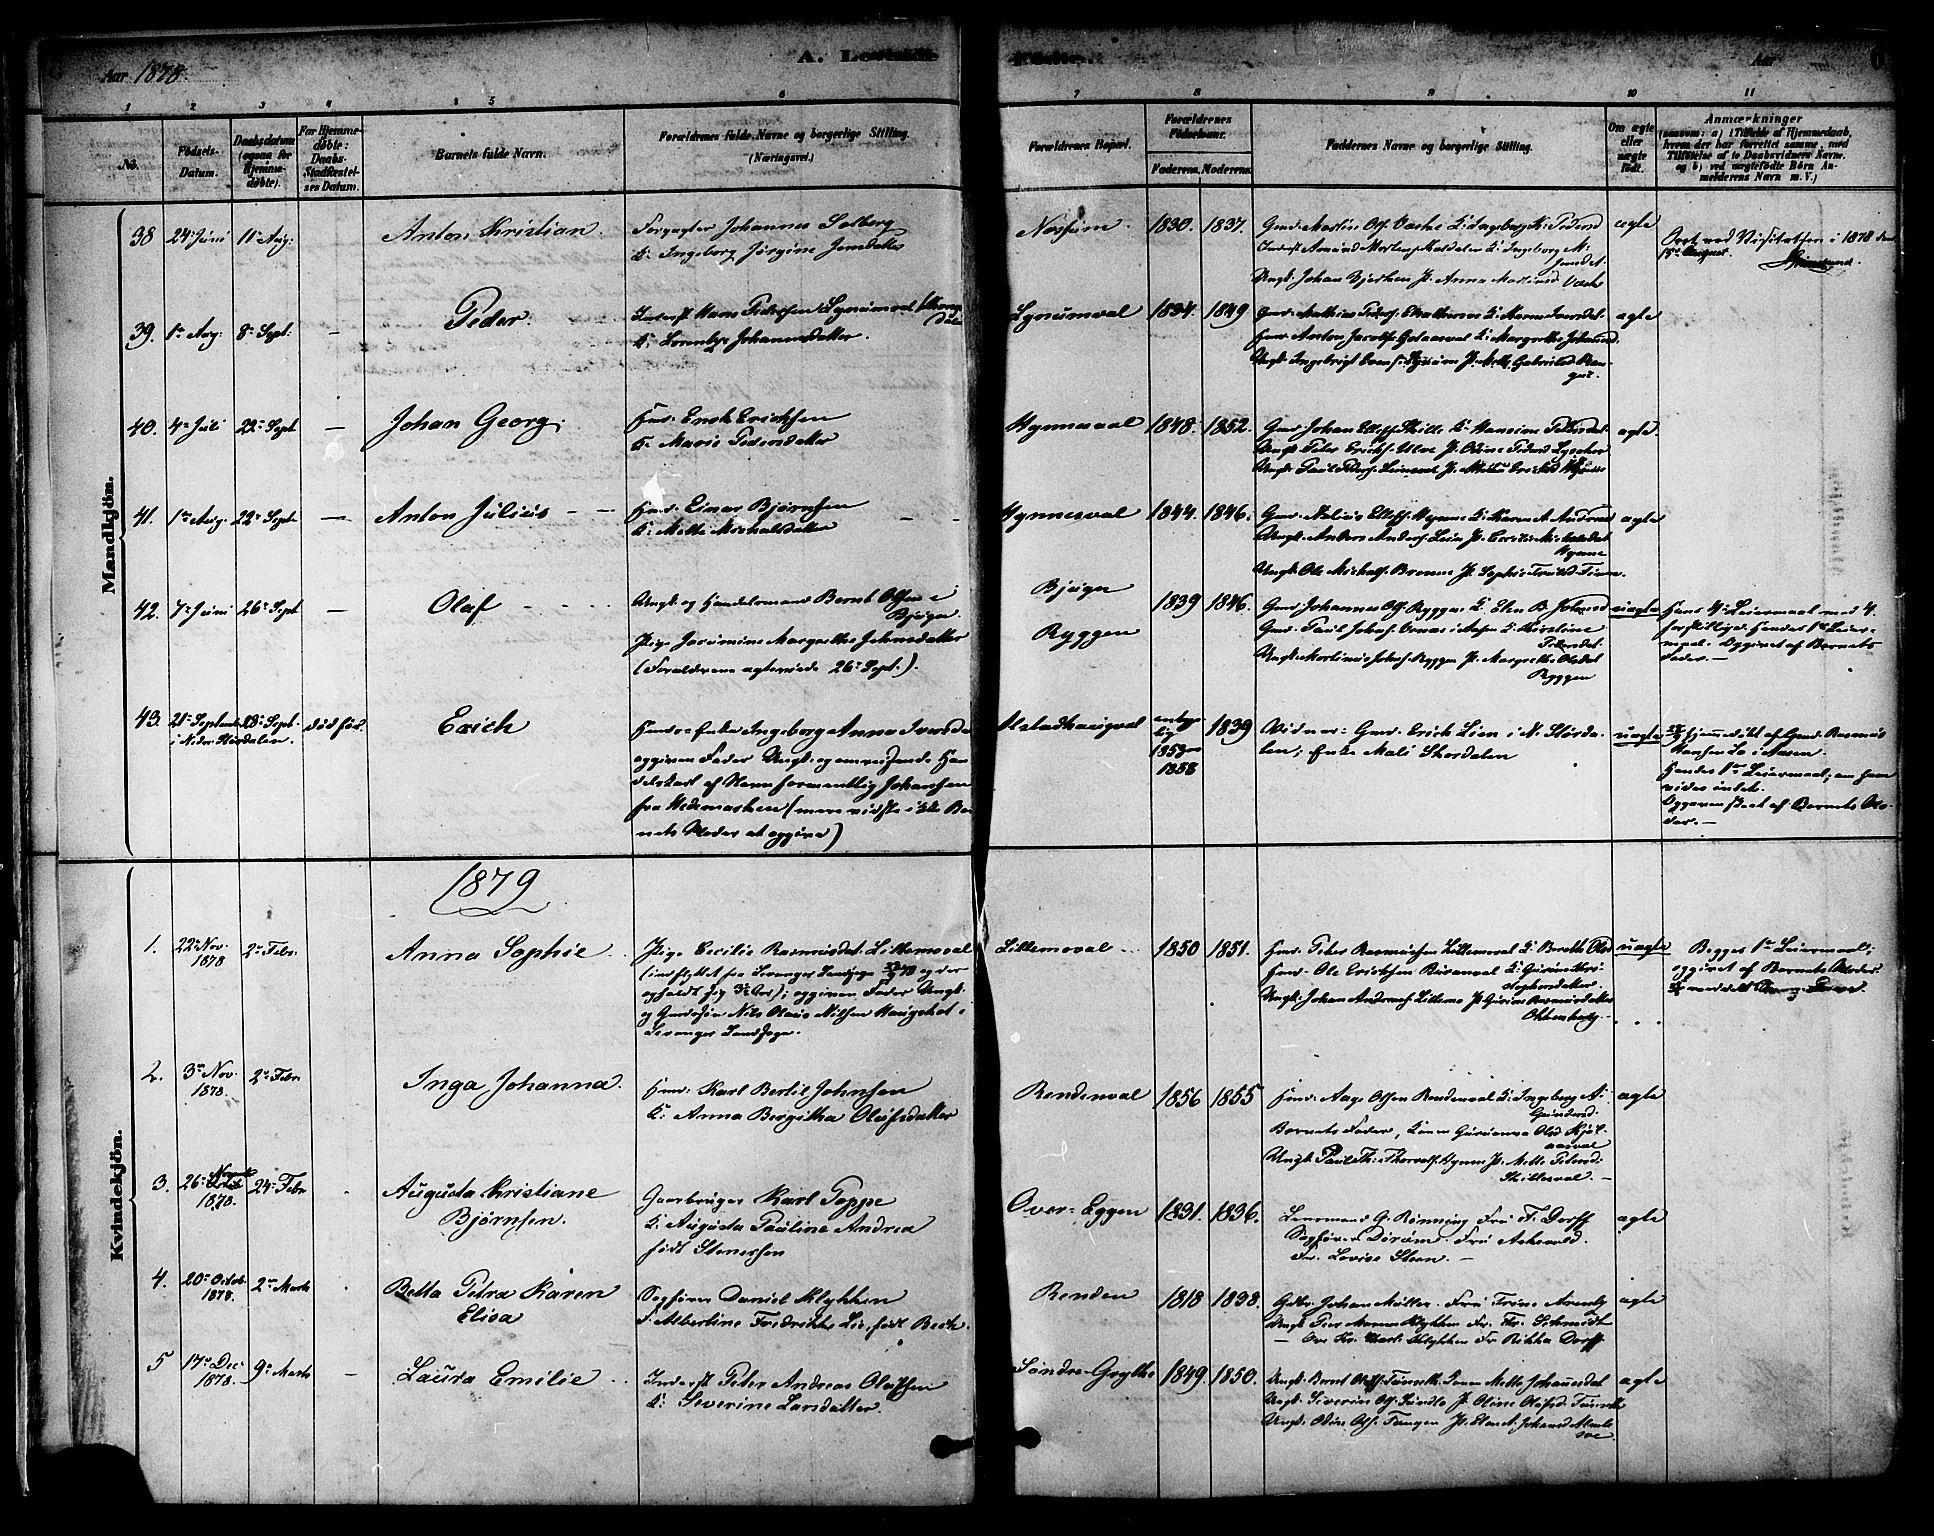 SAT, Ministerialprotokoller, klokkerbøker og fødselsregistre - Nord-Trøndelag, 717/L0159: Ministerialbok nr. 717A09, 1878-1898, s. 6